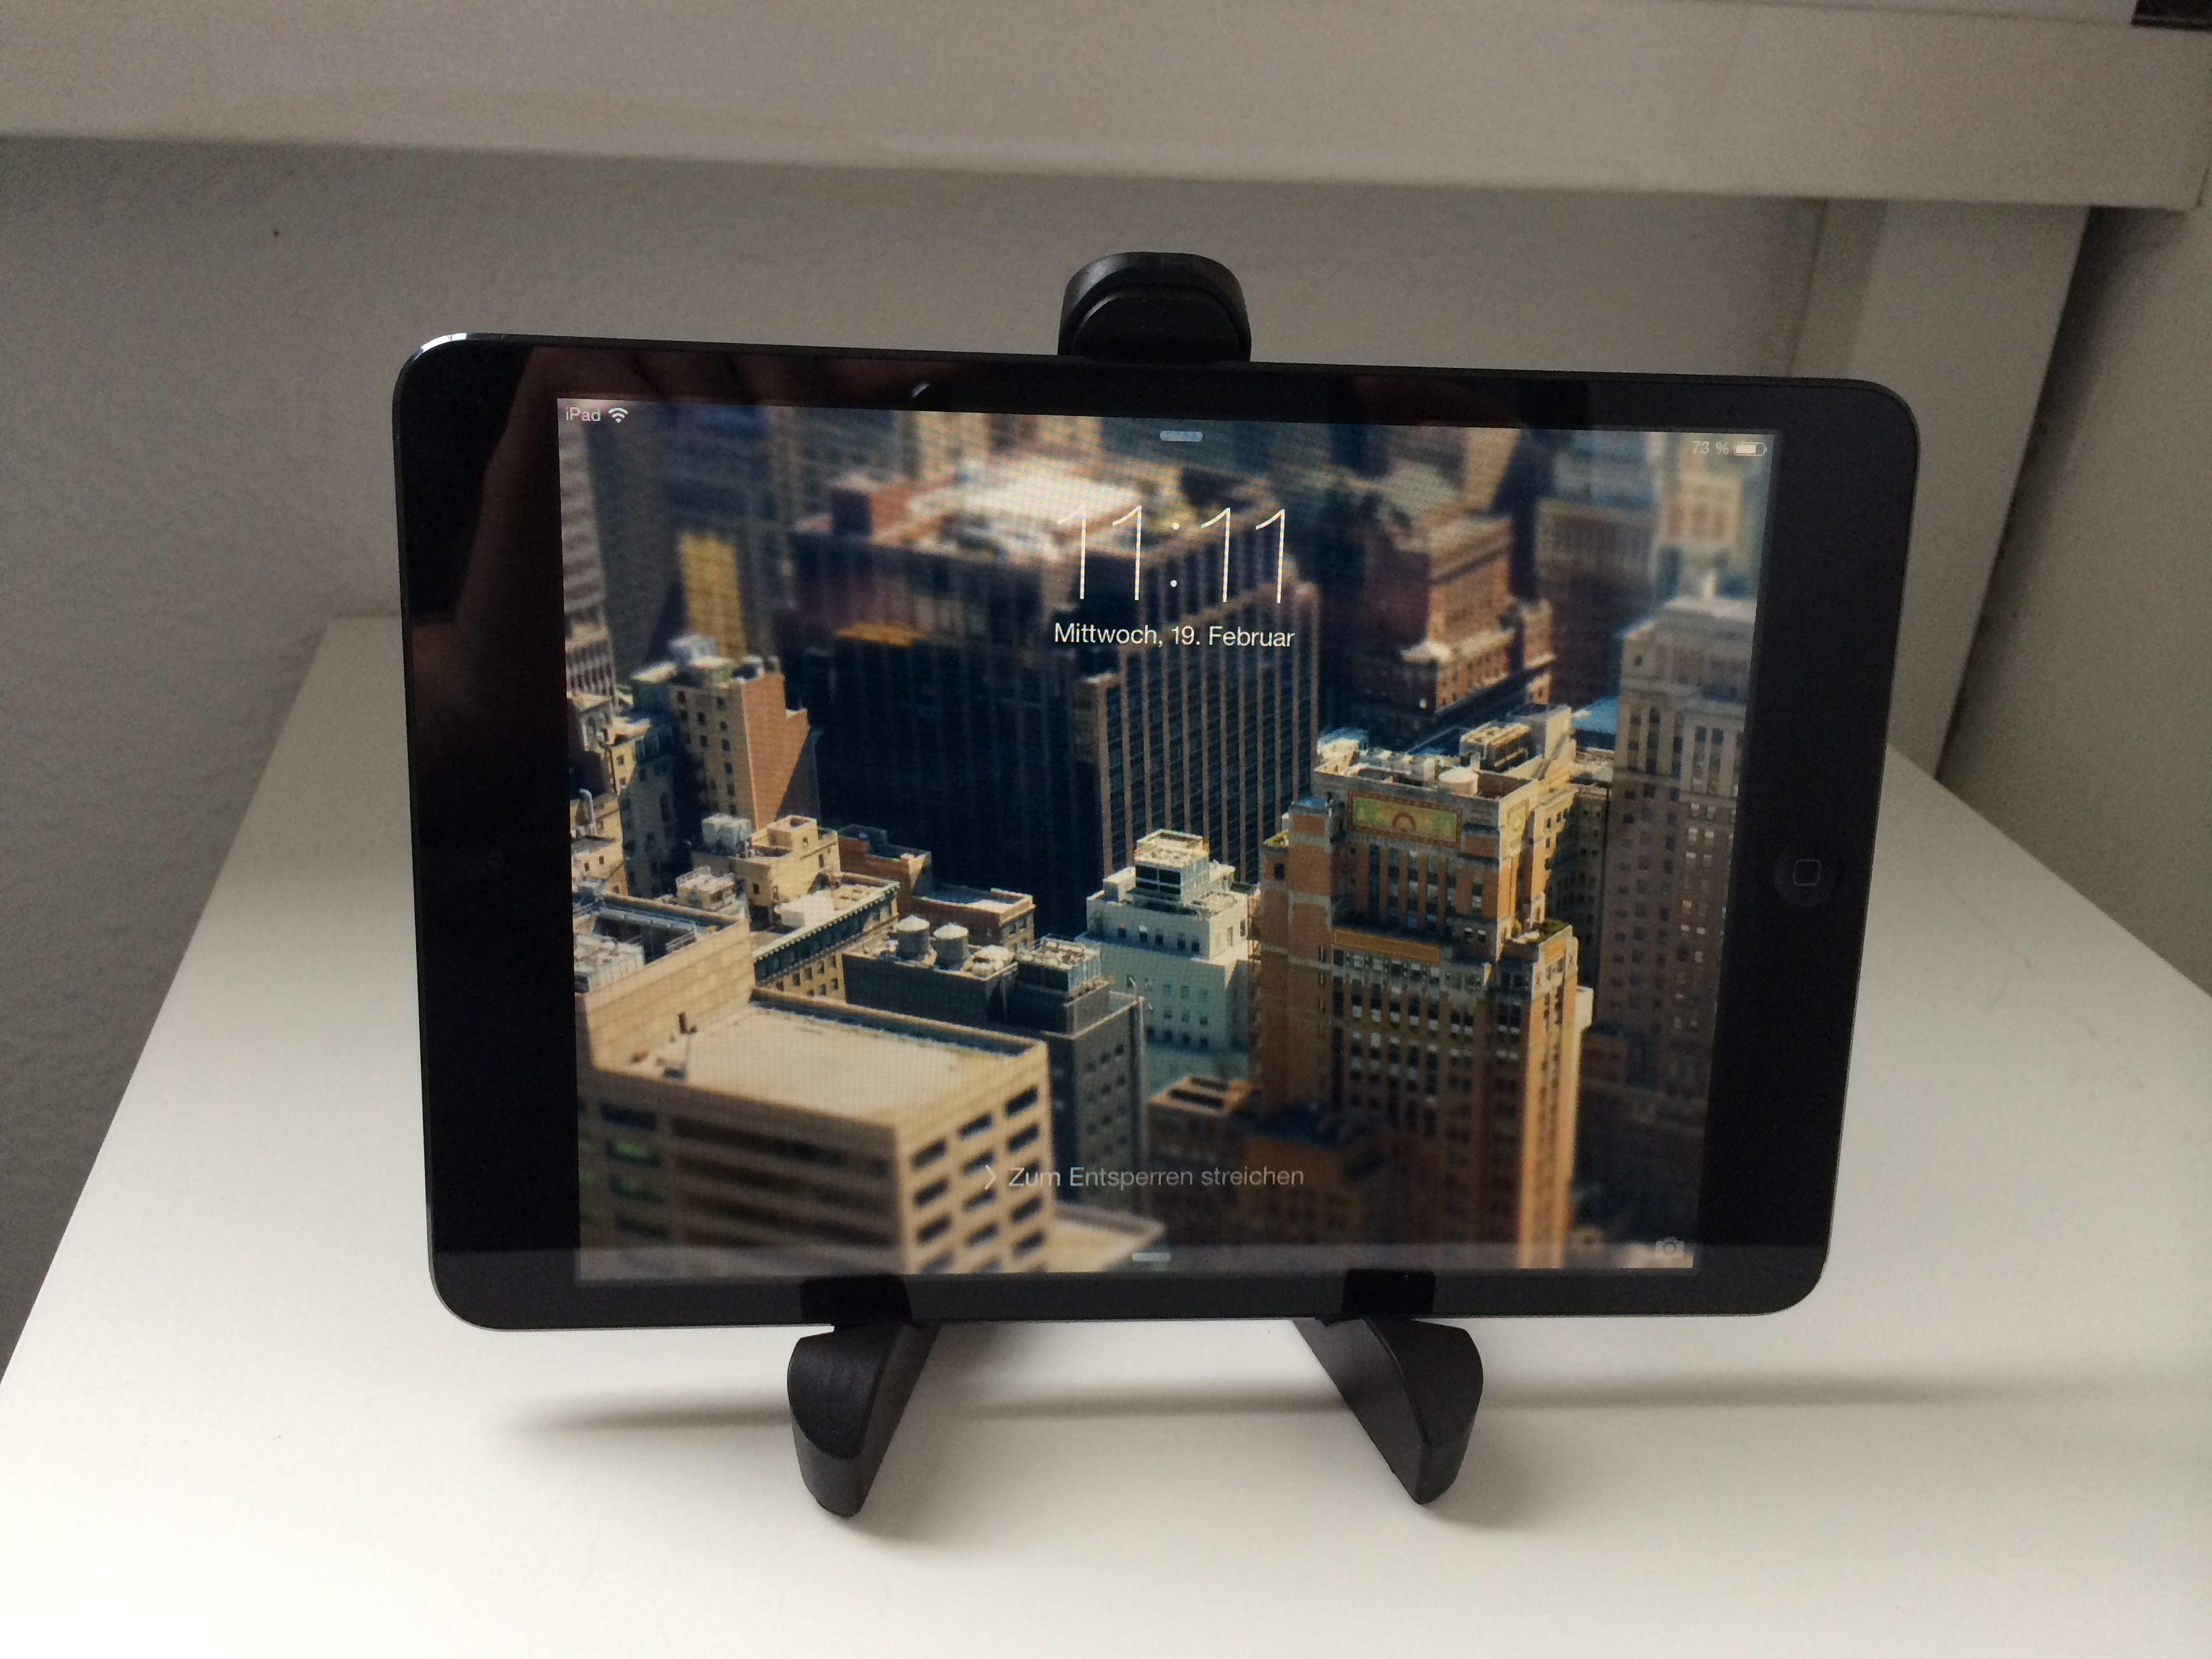 Gadget-Test: Callstel iPad Ständer – Eine Alternative zu Compass & Co.?